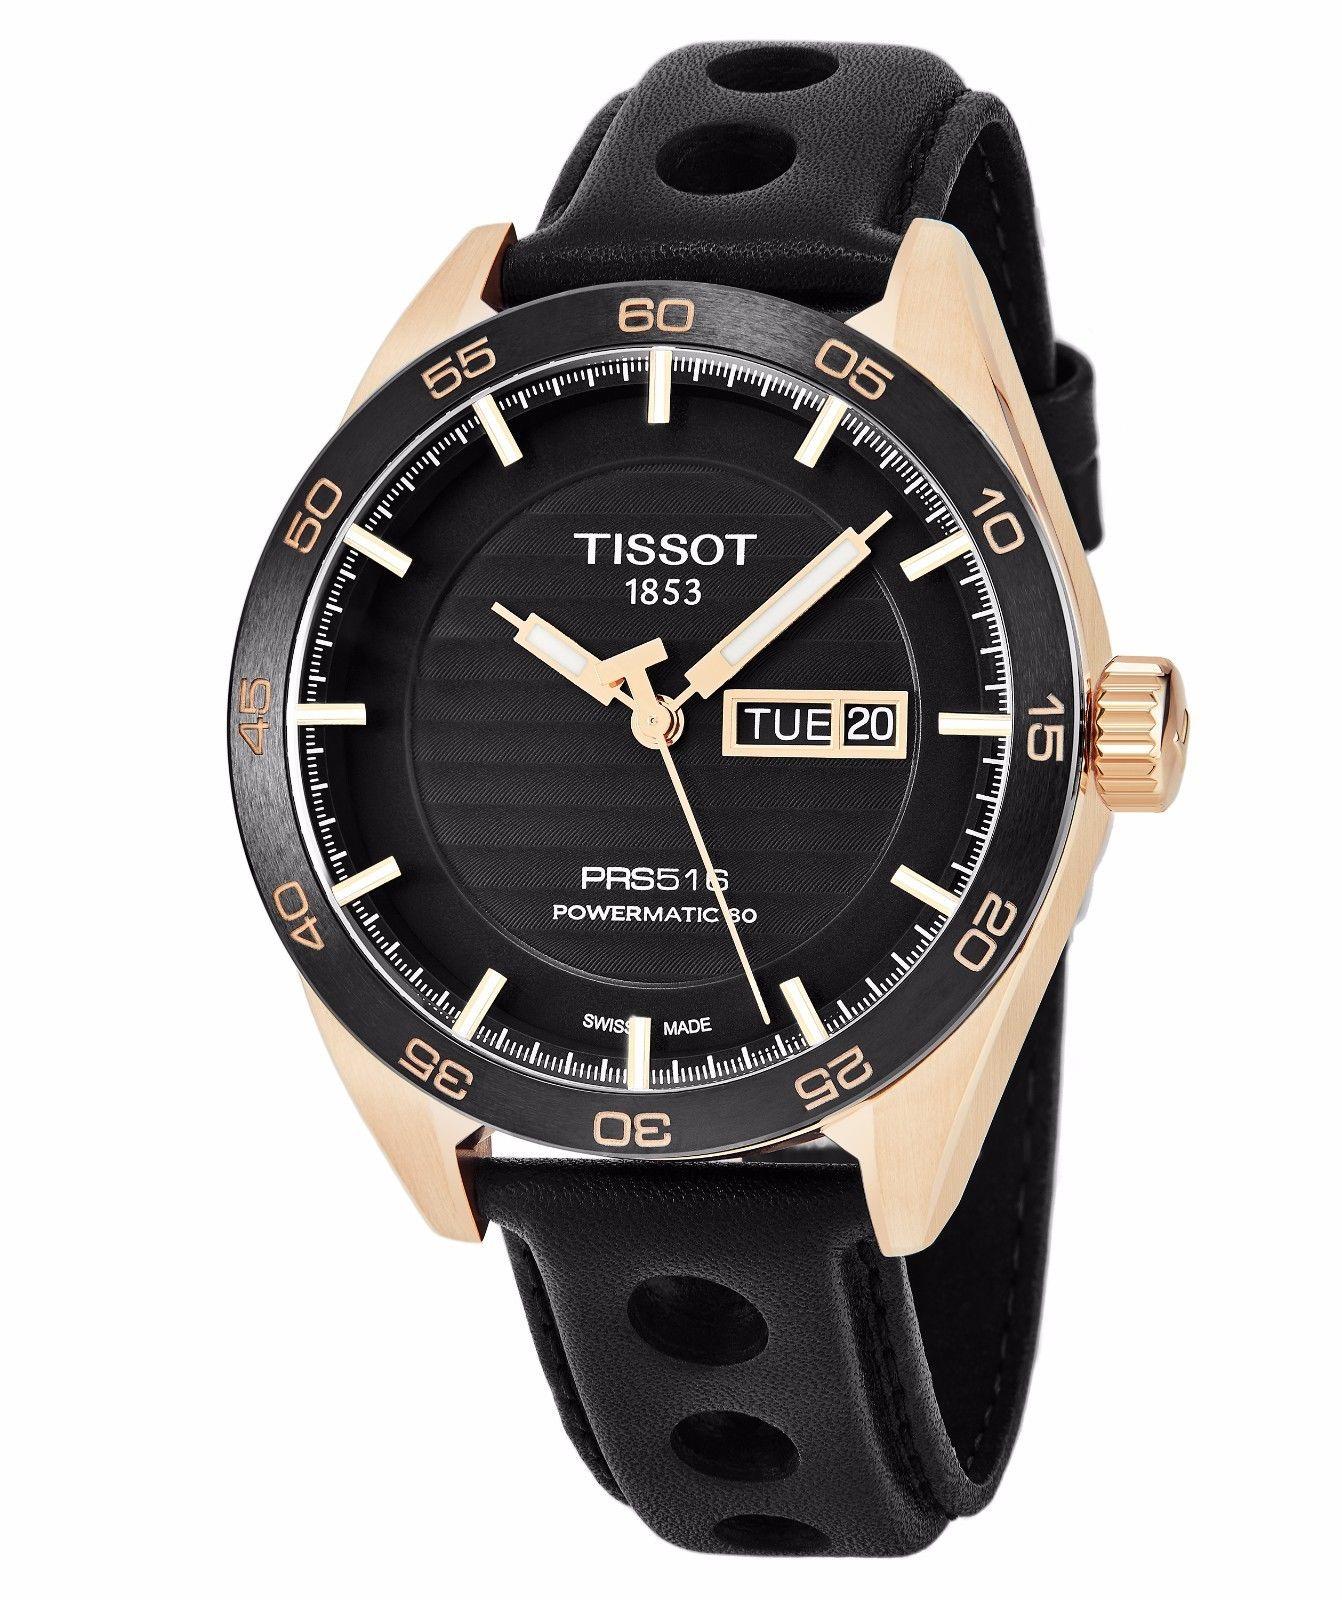 นาฬิกาผู้ชาย Tissot รุ่น T1004303605100, PRS 516 Powermatic 80